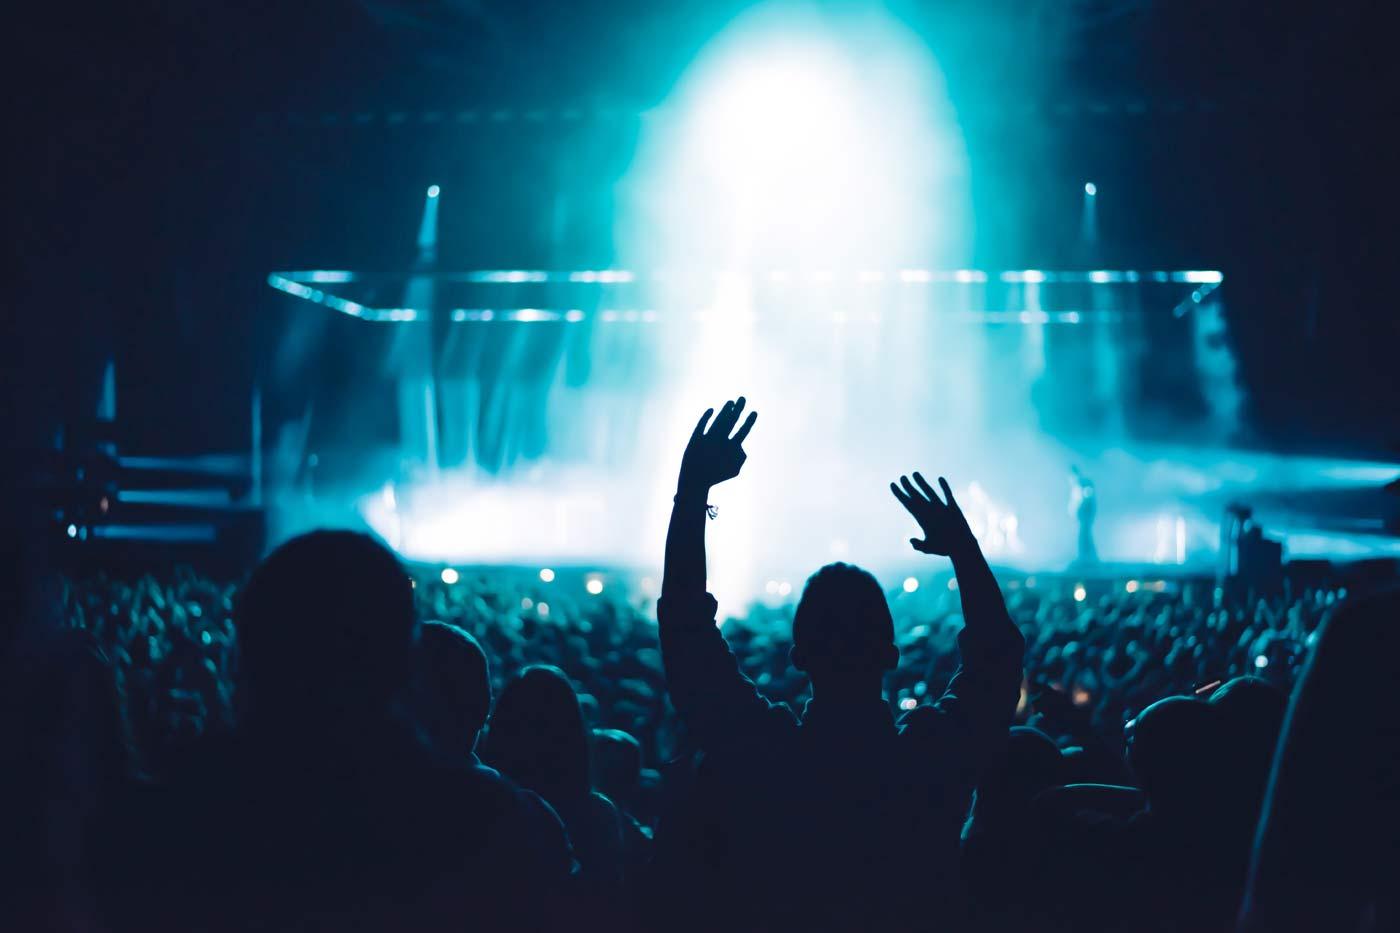 Bilet na koncert - dobry pomysł na prezent dla kogoś kto ma wszystko